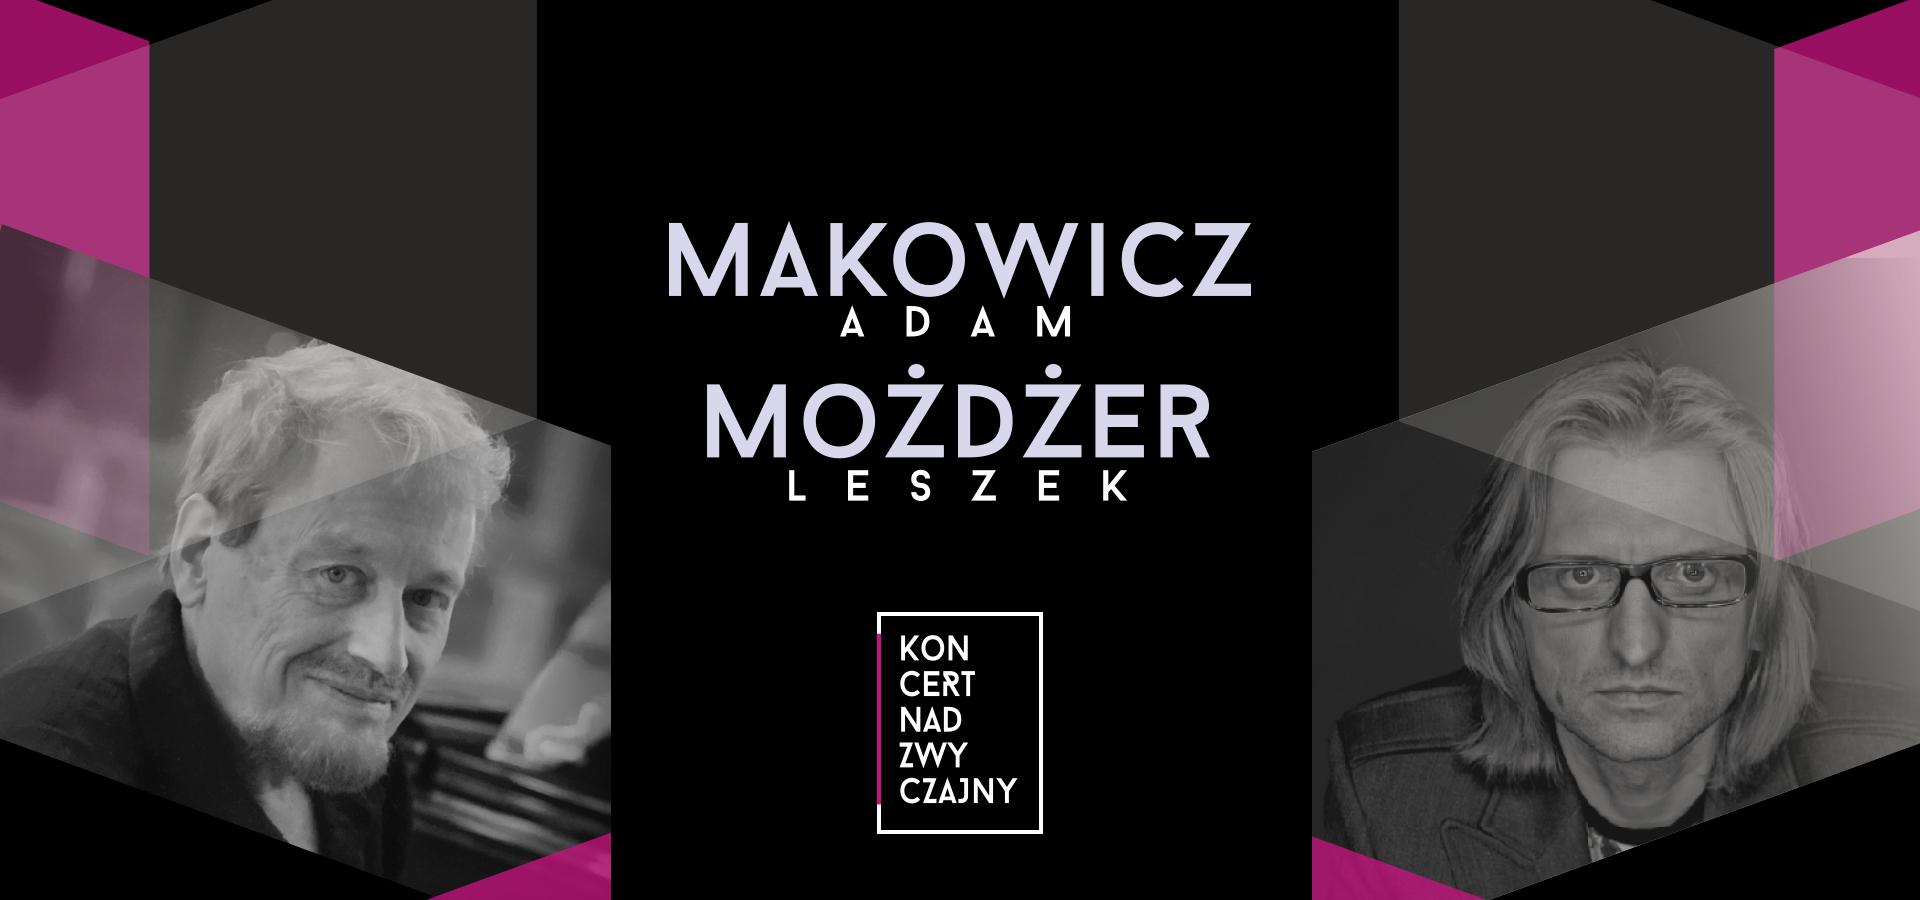 Adam Makowicz & Leszek Możdżer 15.08.2020